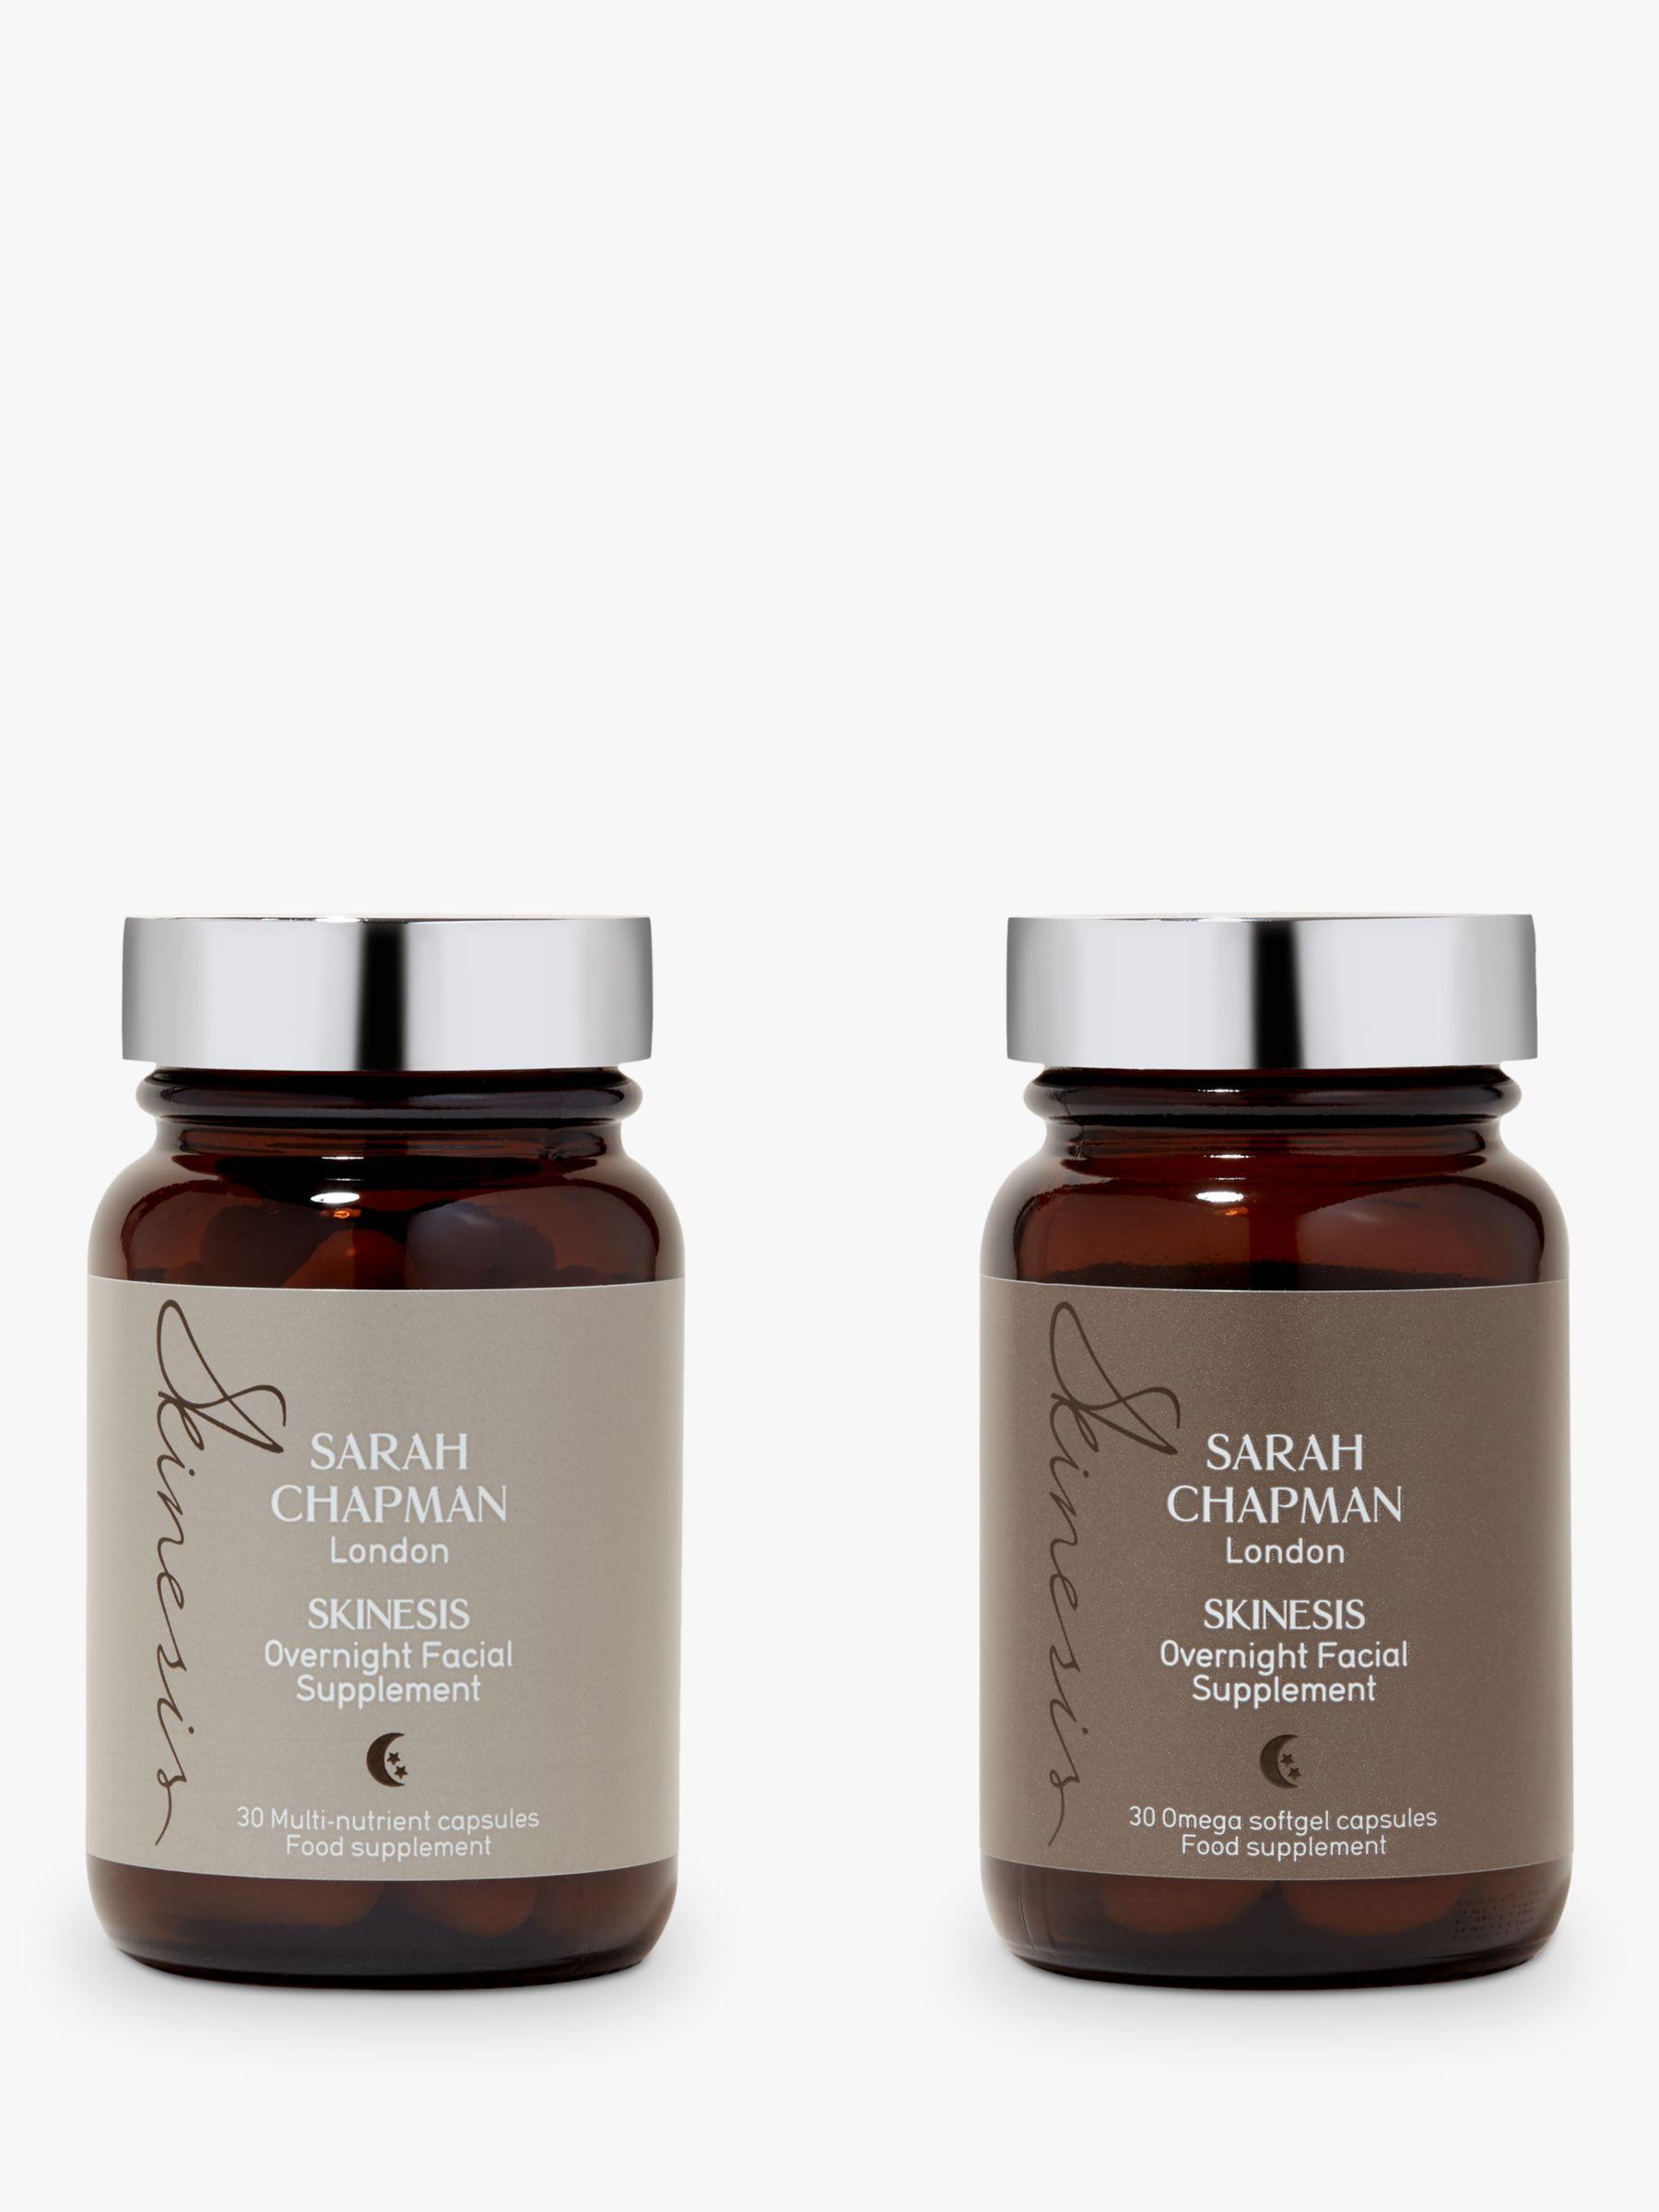 Sarah Chapman Sarah Chapman Overnight Facial Supplement Duo, 2 x 30 Capsules